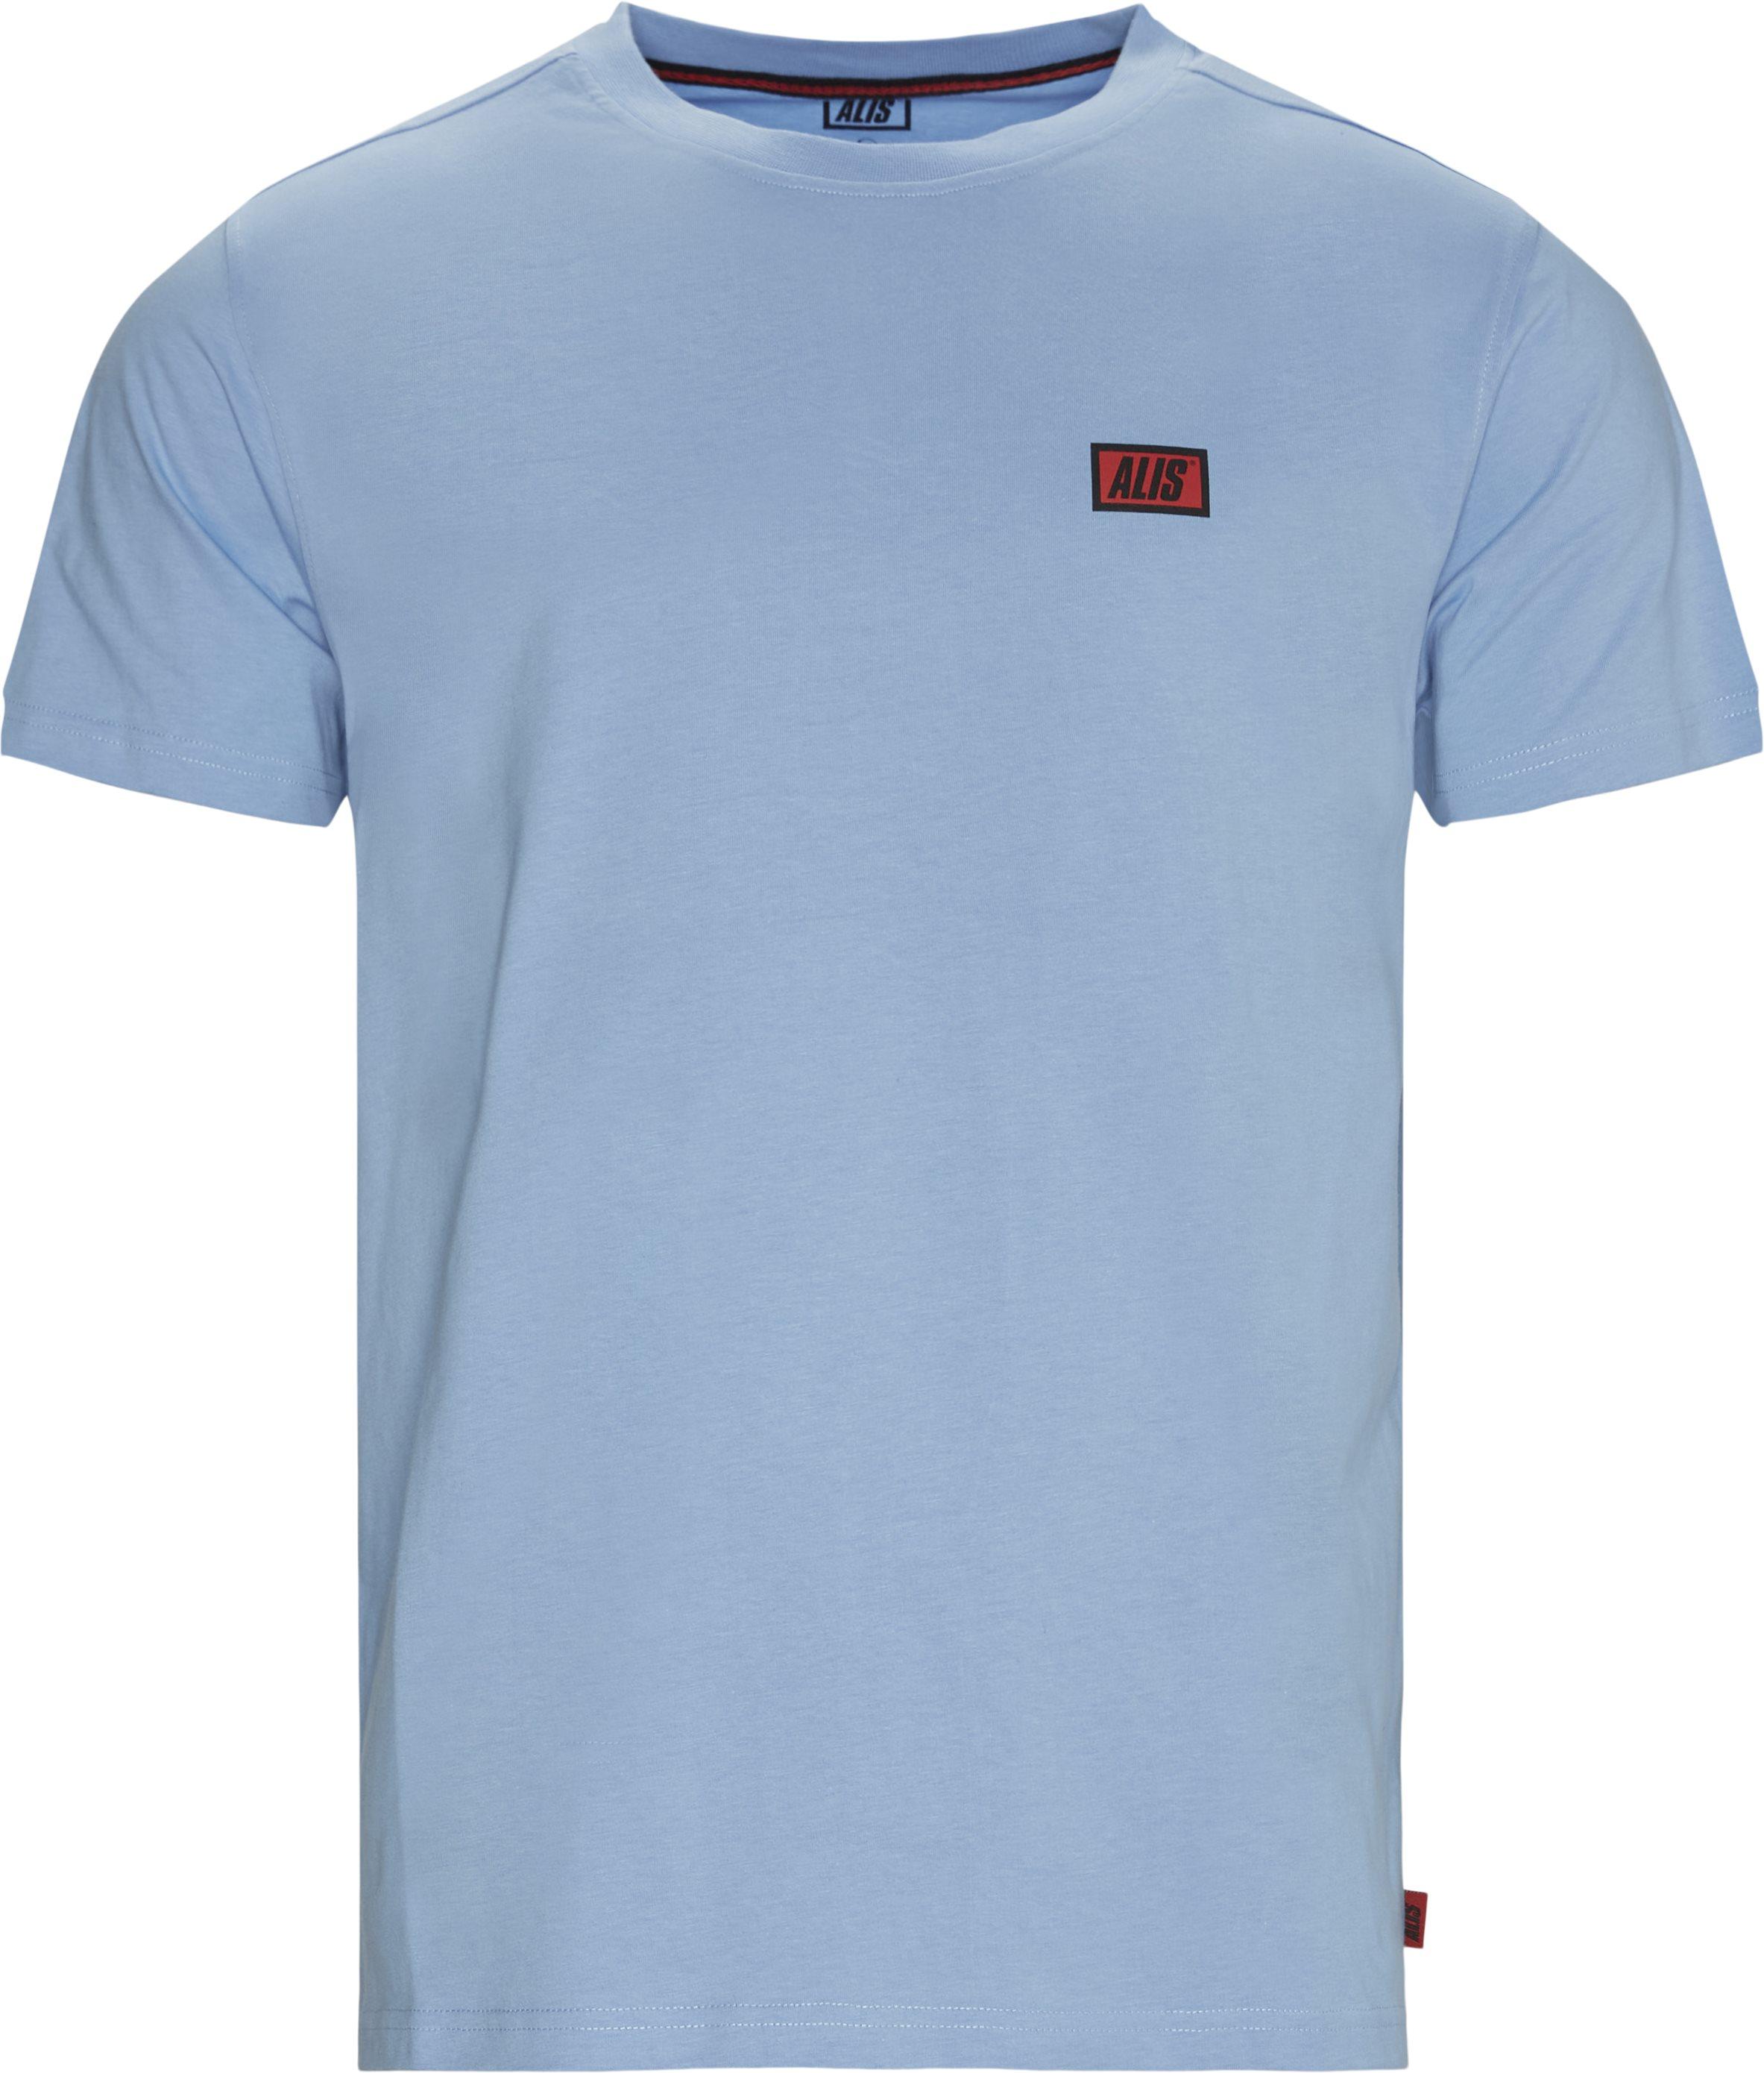 Am3001 Tee - T-shirts - Regular - Blå